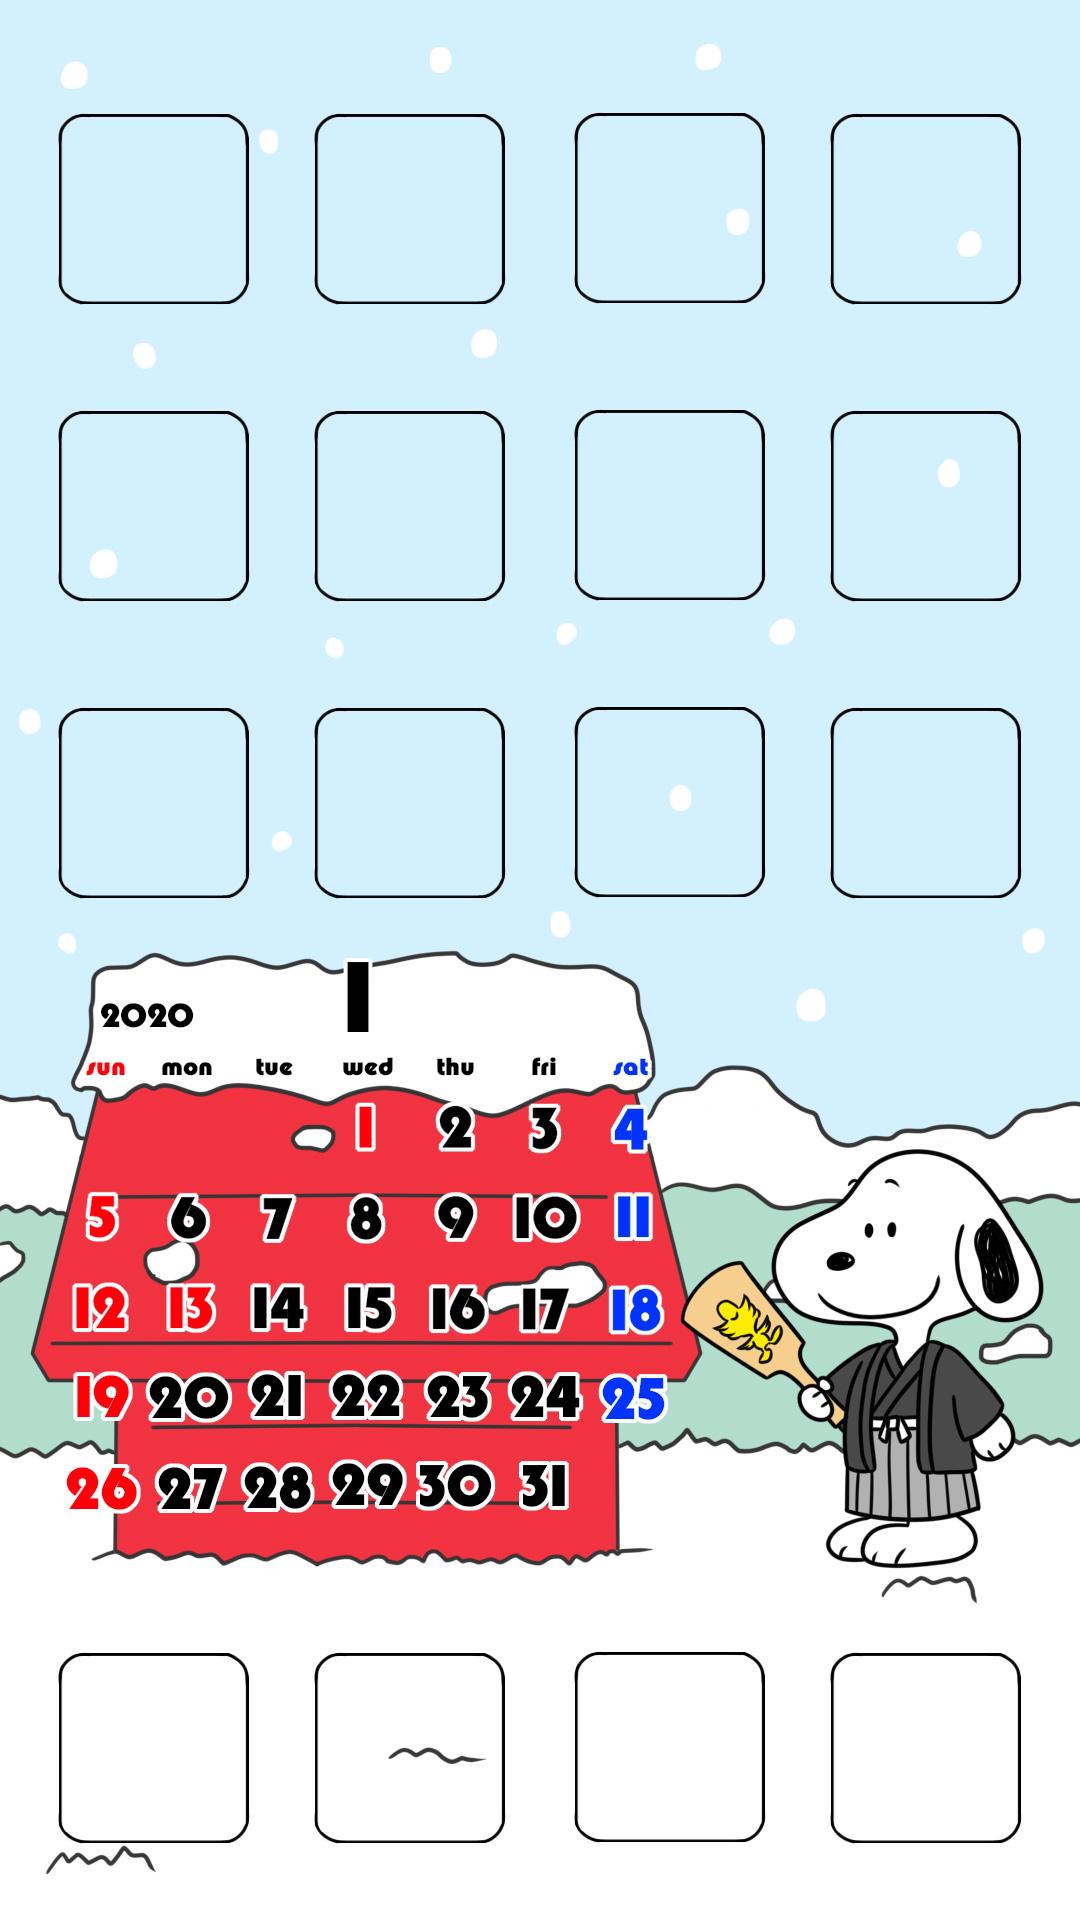 待ち受けカレンダー スマホ壁紙 スヌーピー iPhone用 日曜始まり